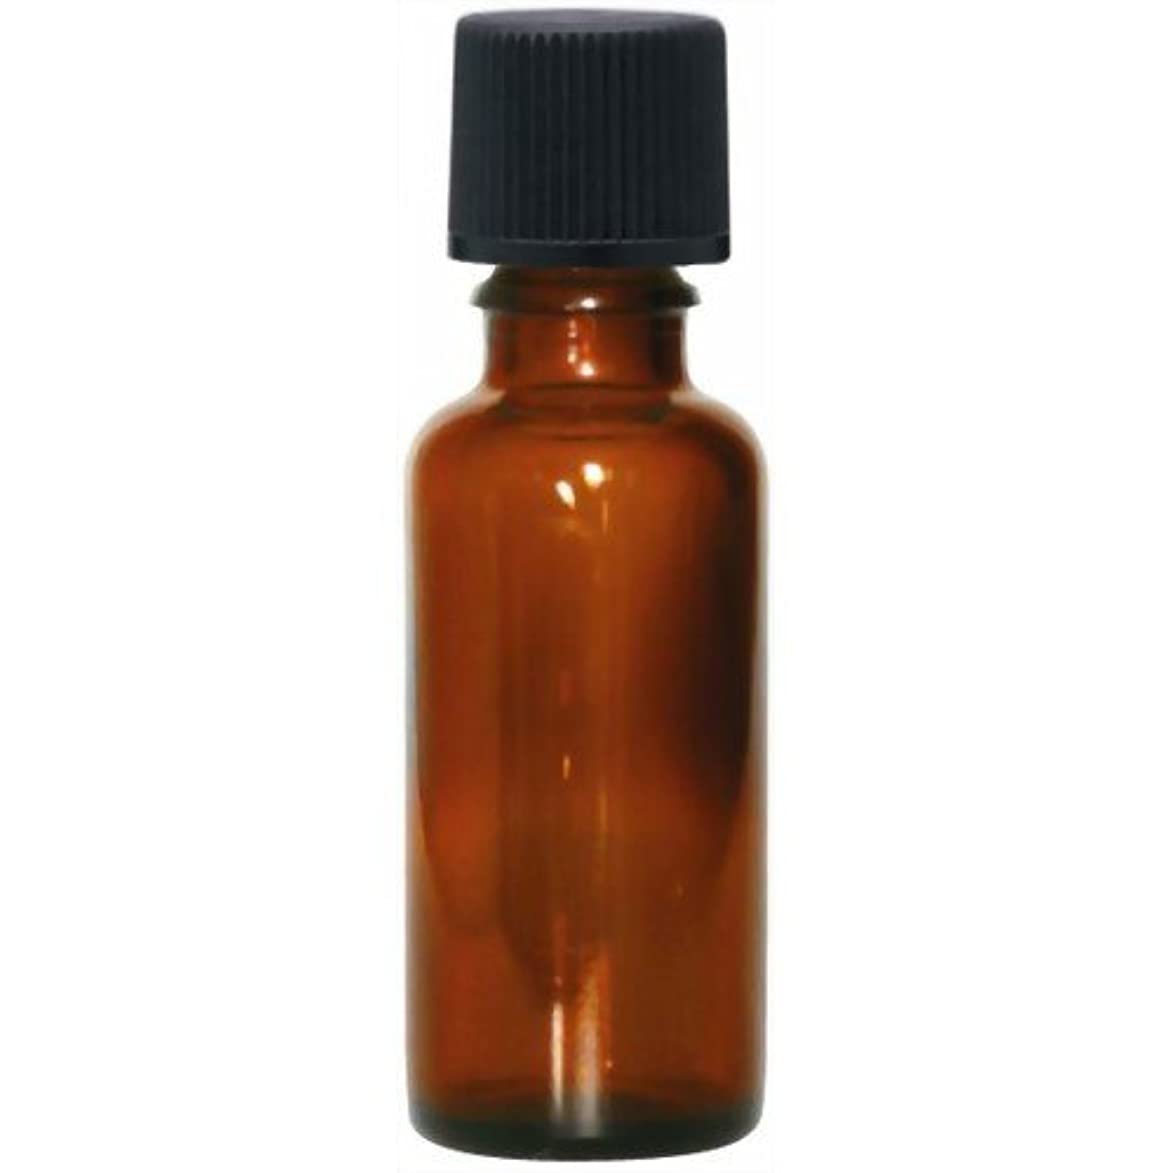 登録ペック着服茶色遮光瓶30ml(黒キャップ)